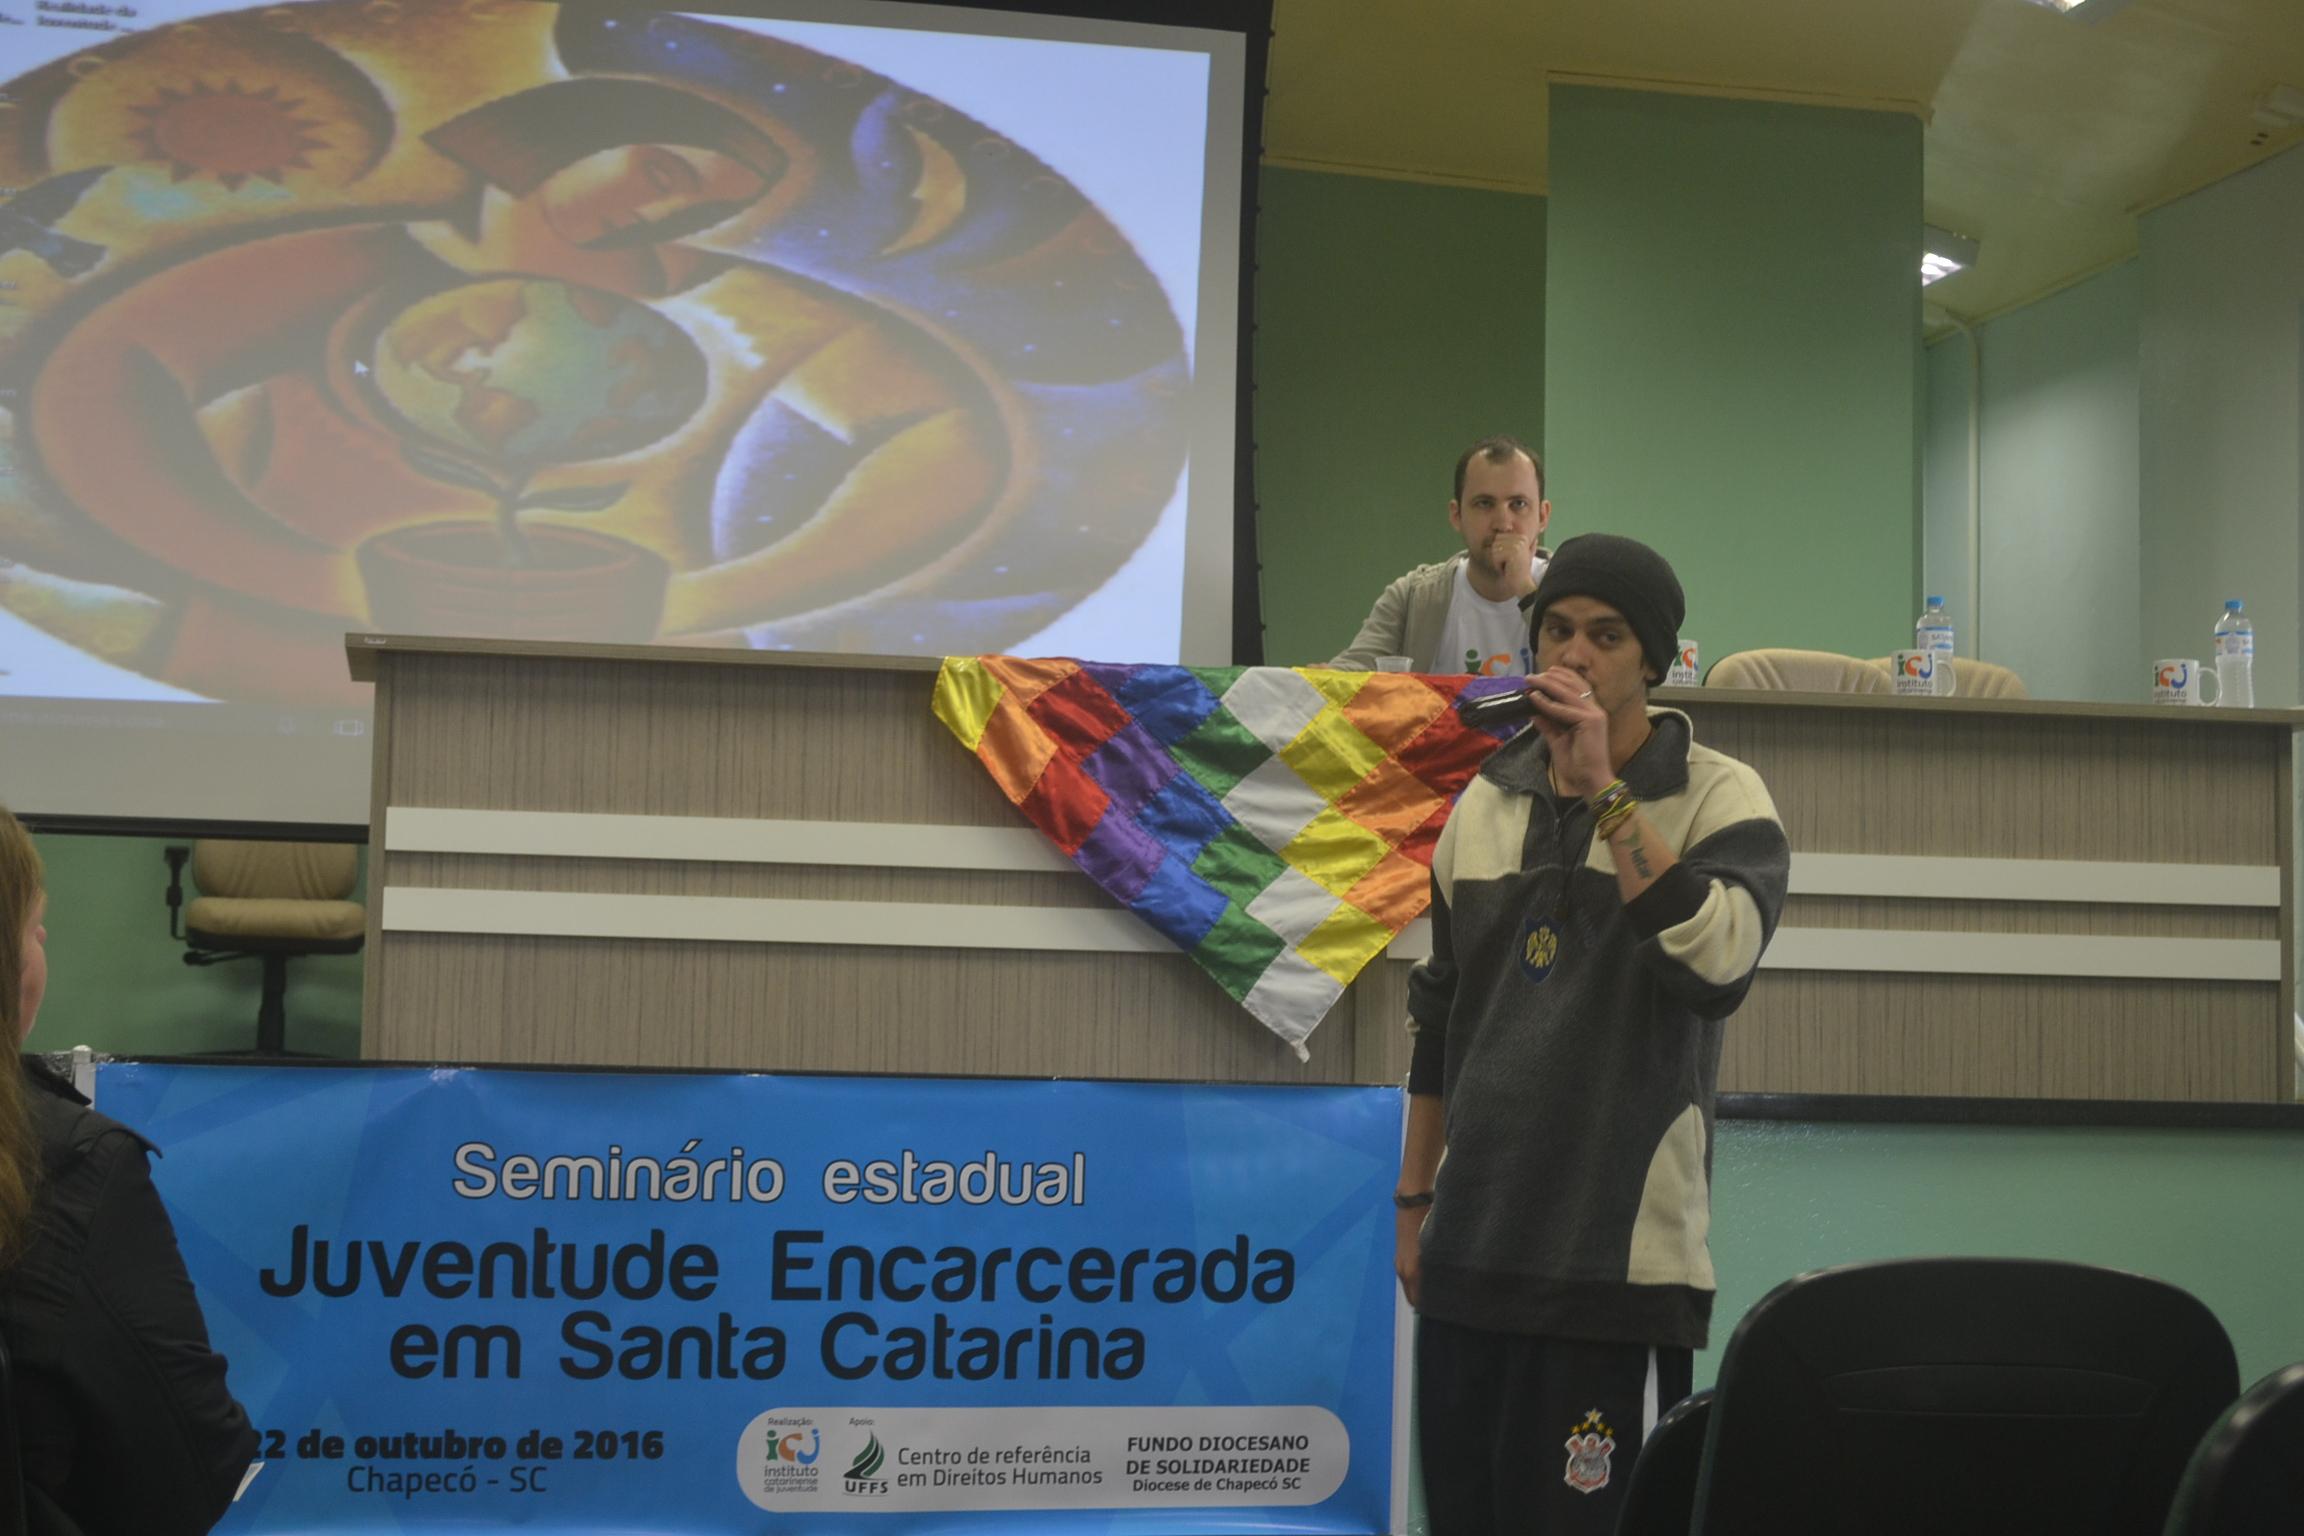 Encarceramento  juvenil foi pauta de debates em seminário realizado em Chapecó (SC)